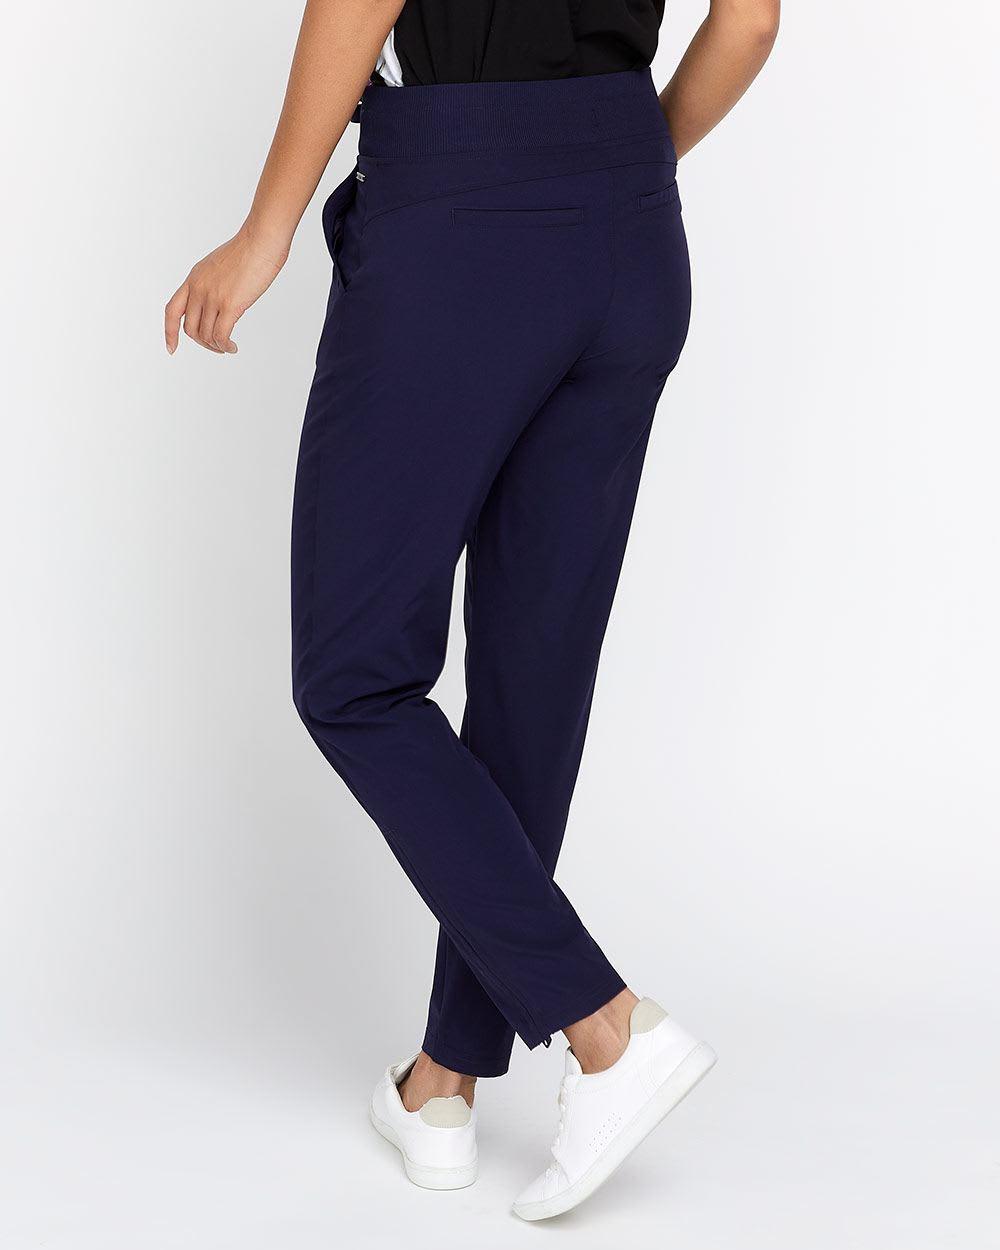 Pantalon avec ajustement à la cheville Hyba